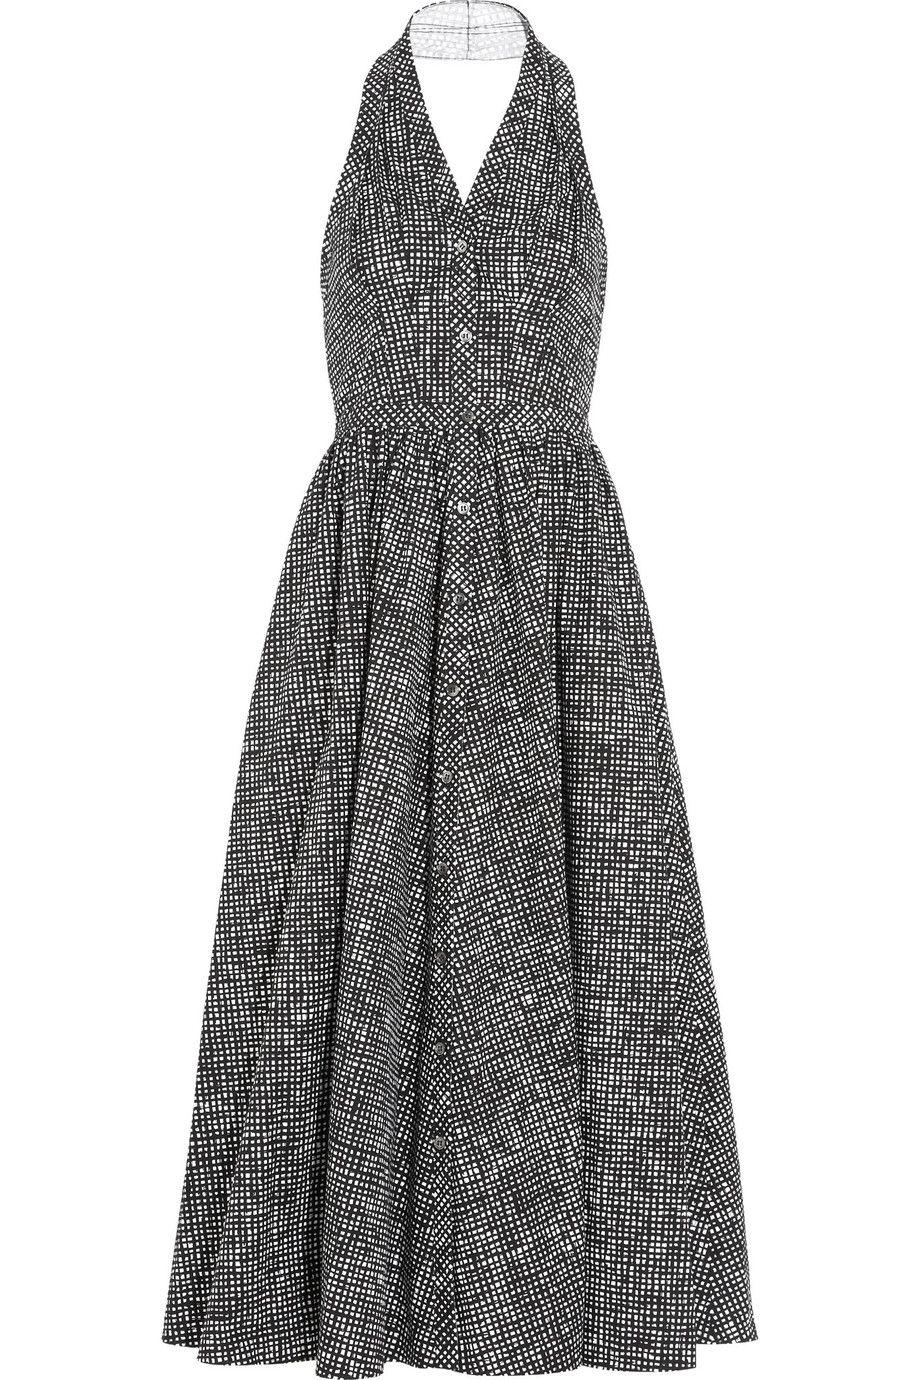 Michael kors printed cottonpoplin dress michaelkors cloth dress